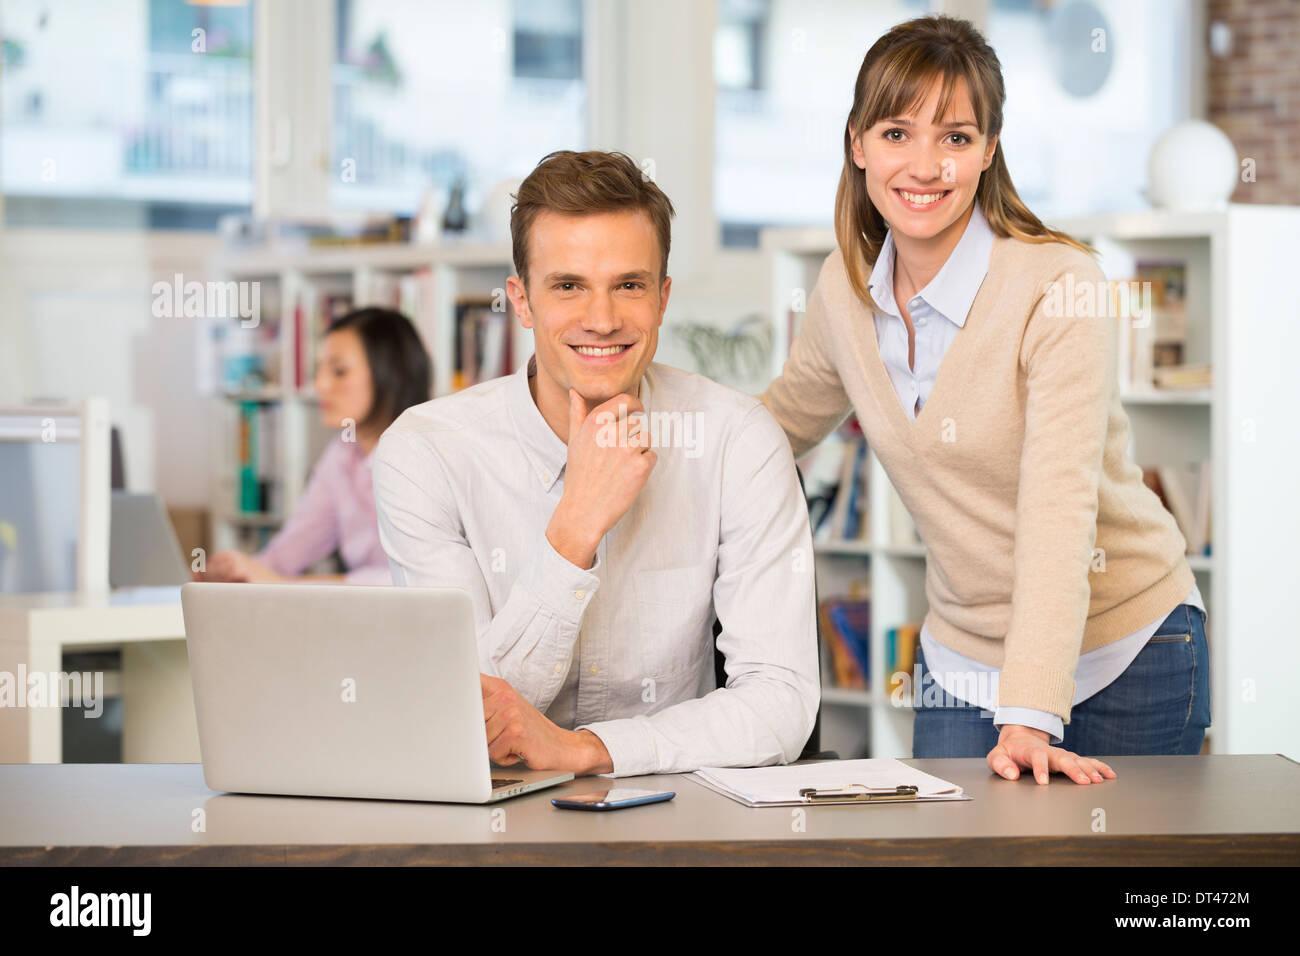 Lässige Geschäftsleute glücklich Schreibtisch-computer Stockbild